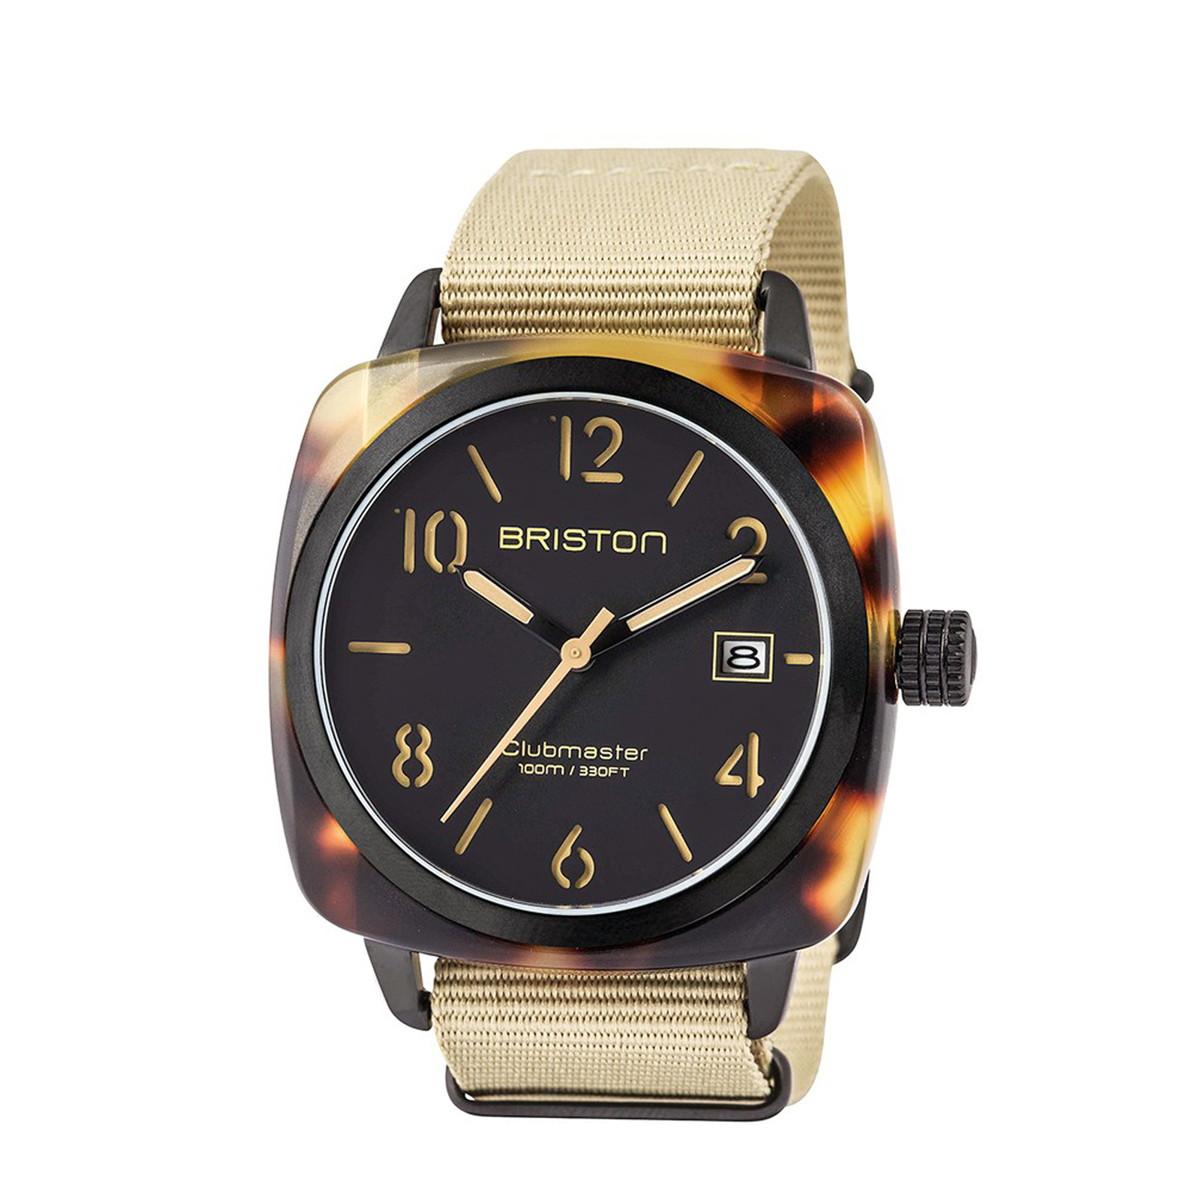 ブリストン BRISTON 公式通販 腕時計 クラブマスター クラシック CLUBMASTER CLASSIC HMS DATE SAFARI WATCH